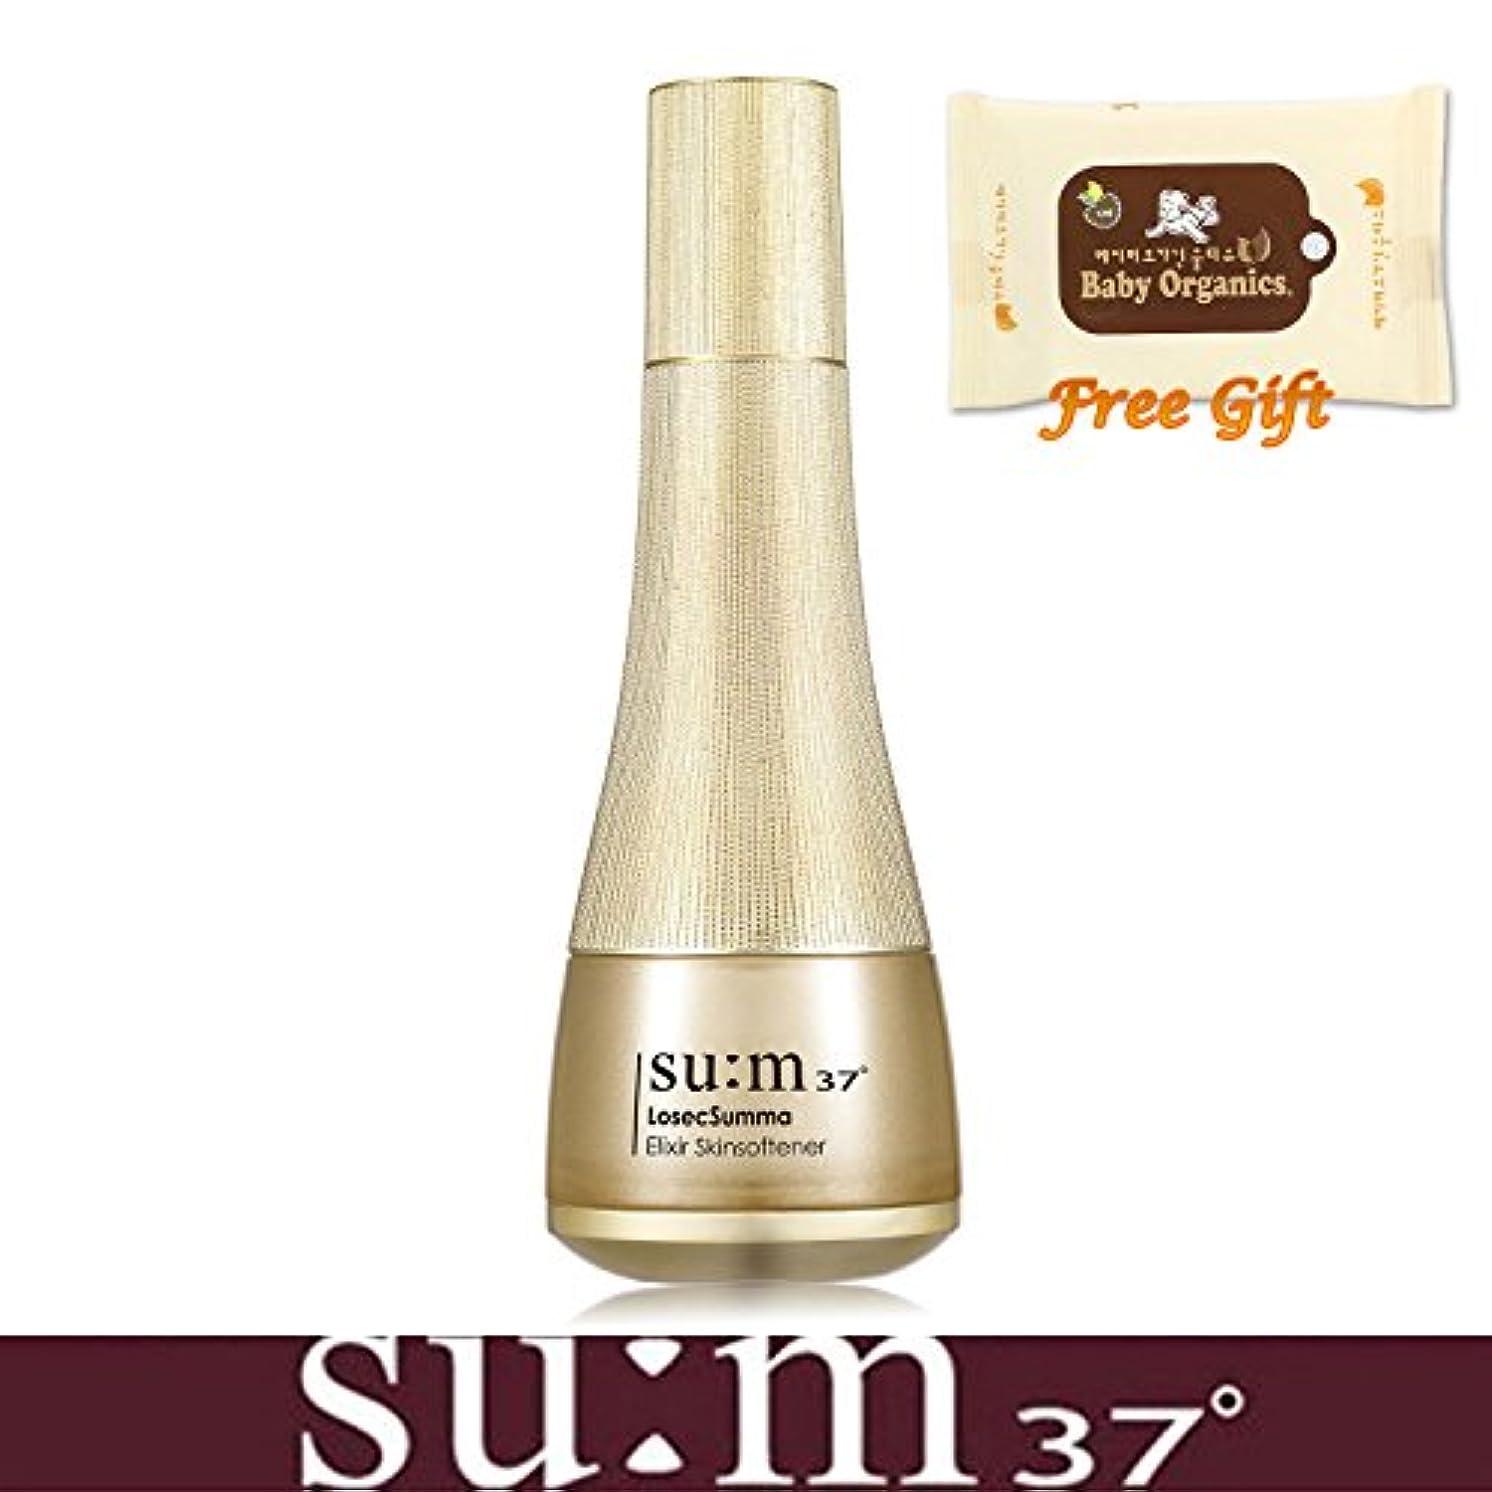 シャットしなければならない部屋を掃除する[su:m37/スム37°] Sum 37 LOSEC SUMMA ELIXIR Skin softener 150 ml+ Portable Tissue/ スム37 LOSEC SUMMA ELIXIR スキンソフトナー 150ml + [Free Gift](海外直送品)